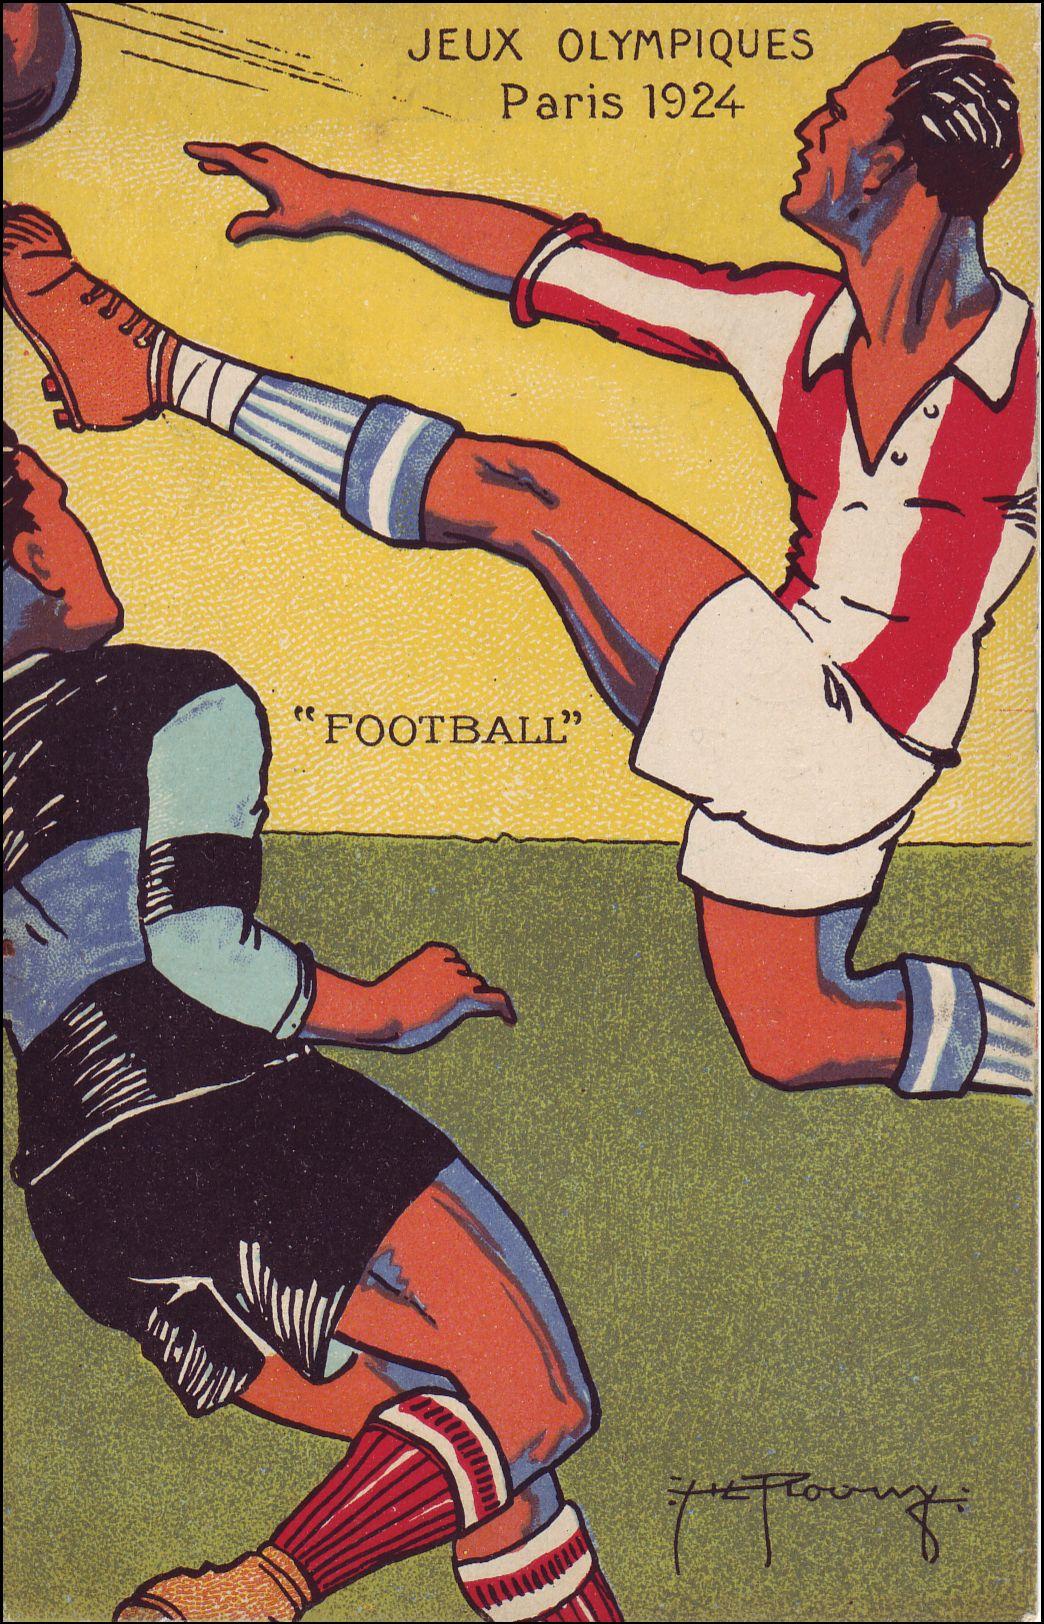 En football, l'équipe d'Uruguay gagne le tournoi olympique face à la Suisse 3-0.